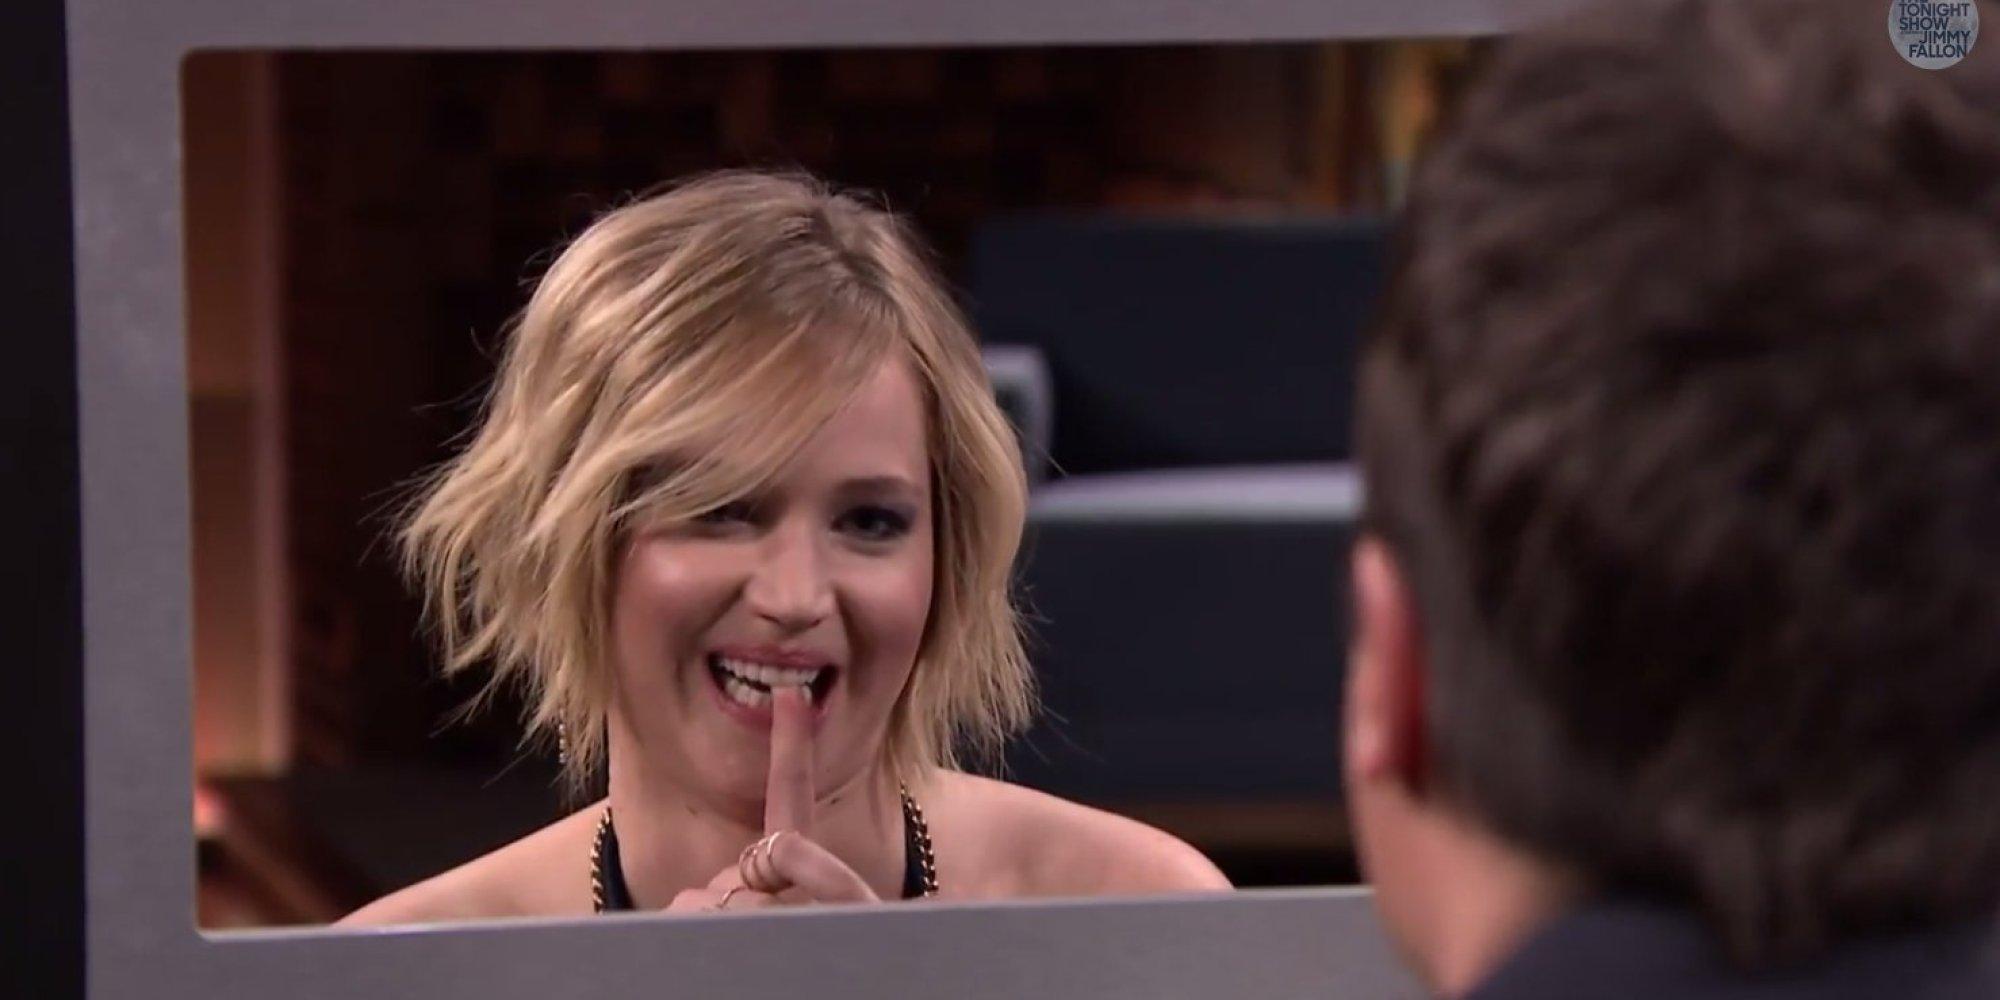 Jennifer Lawrence Plays 'Box Of Lies' With Jimmy Fallon ...